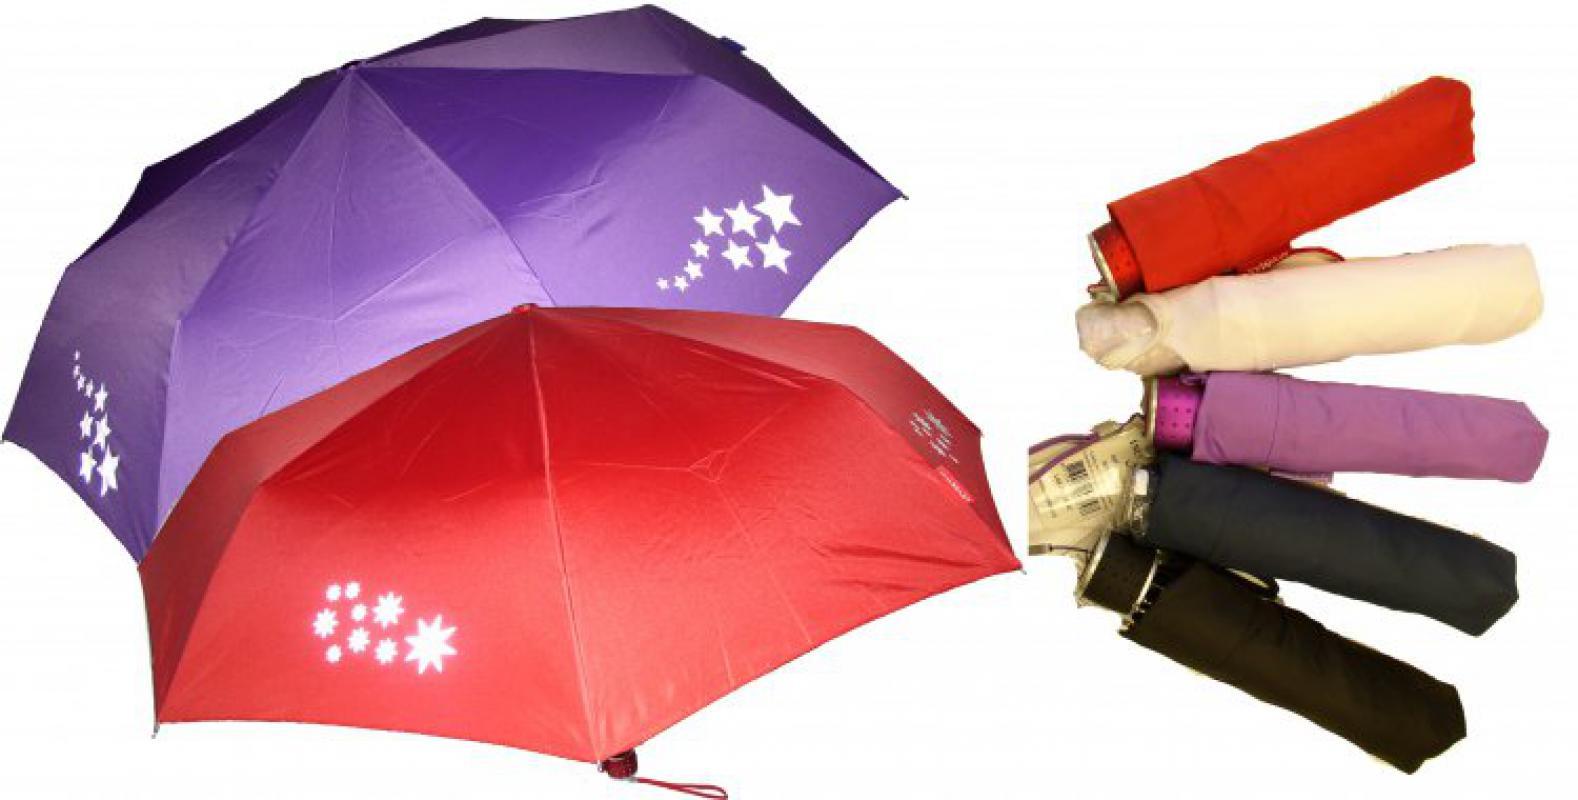 Deštník s reflexníni prvky - hvězdný roj 2